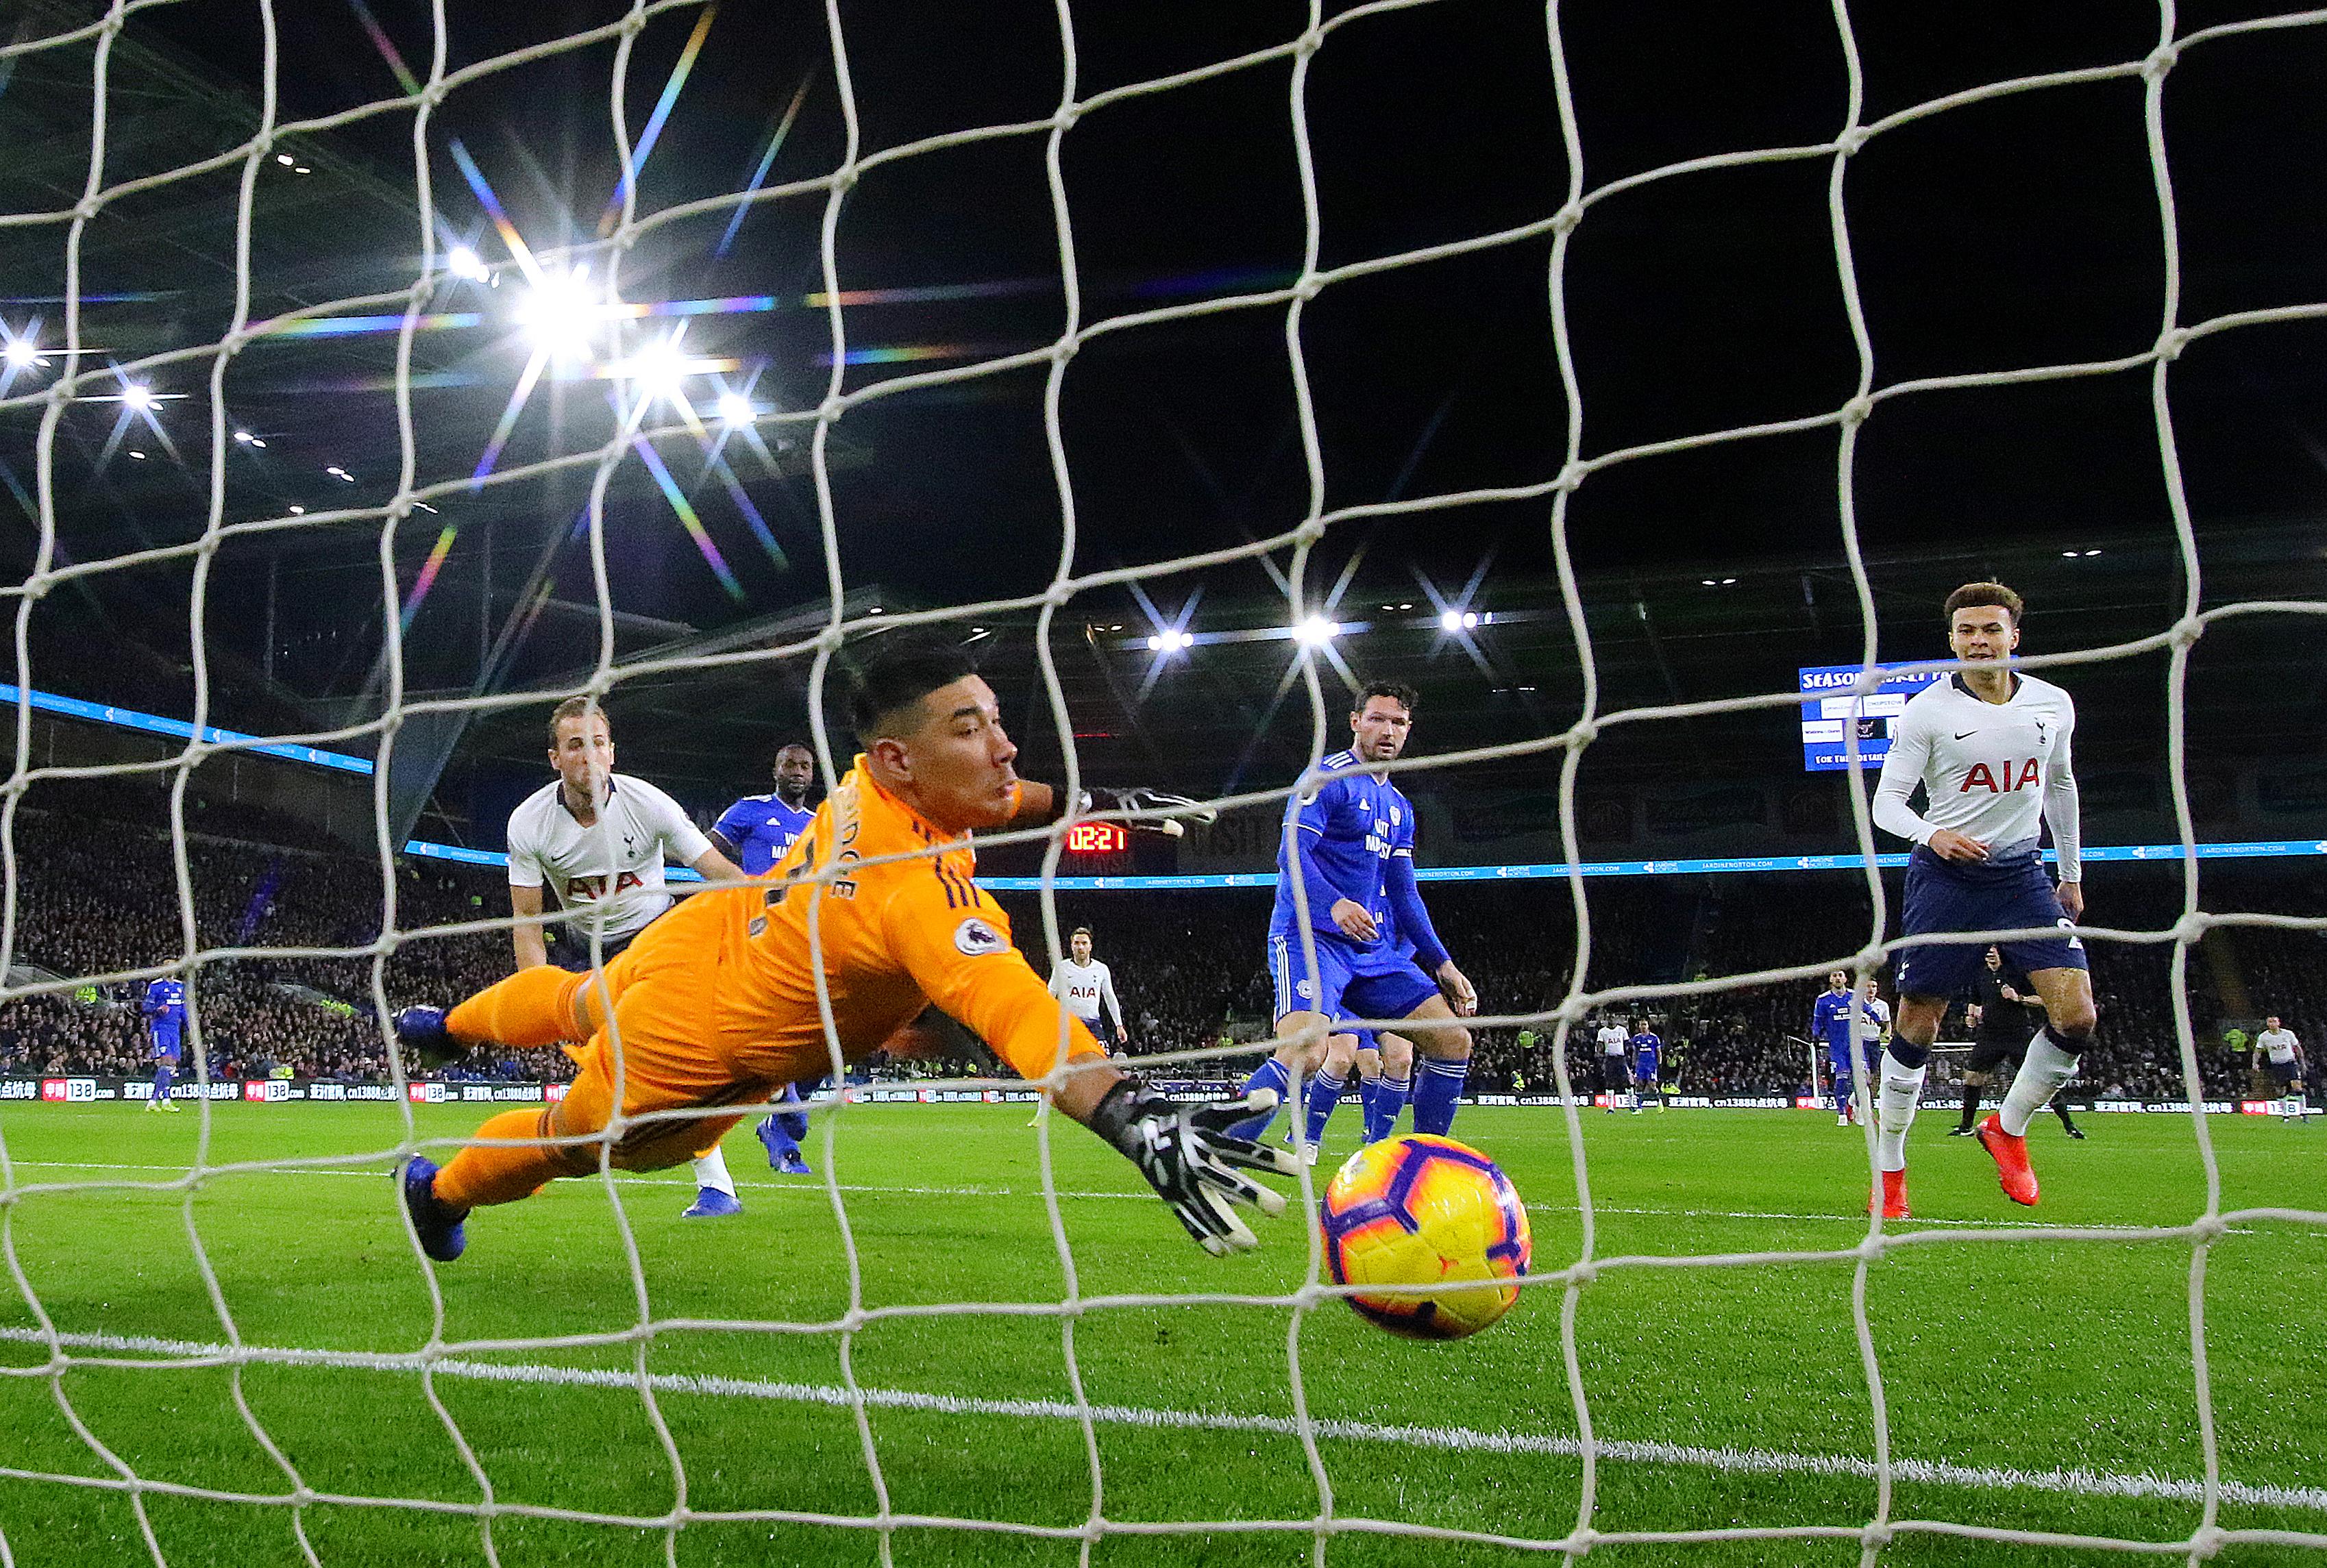 Harry Kane opened the scoring